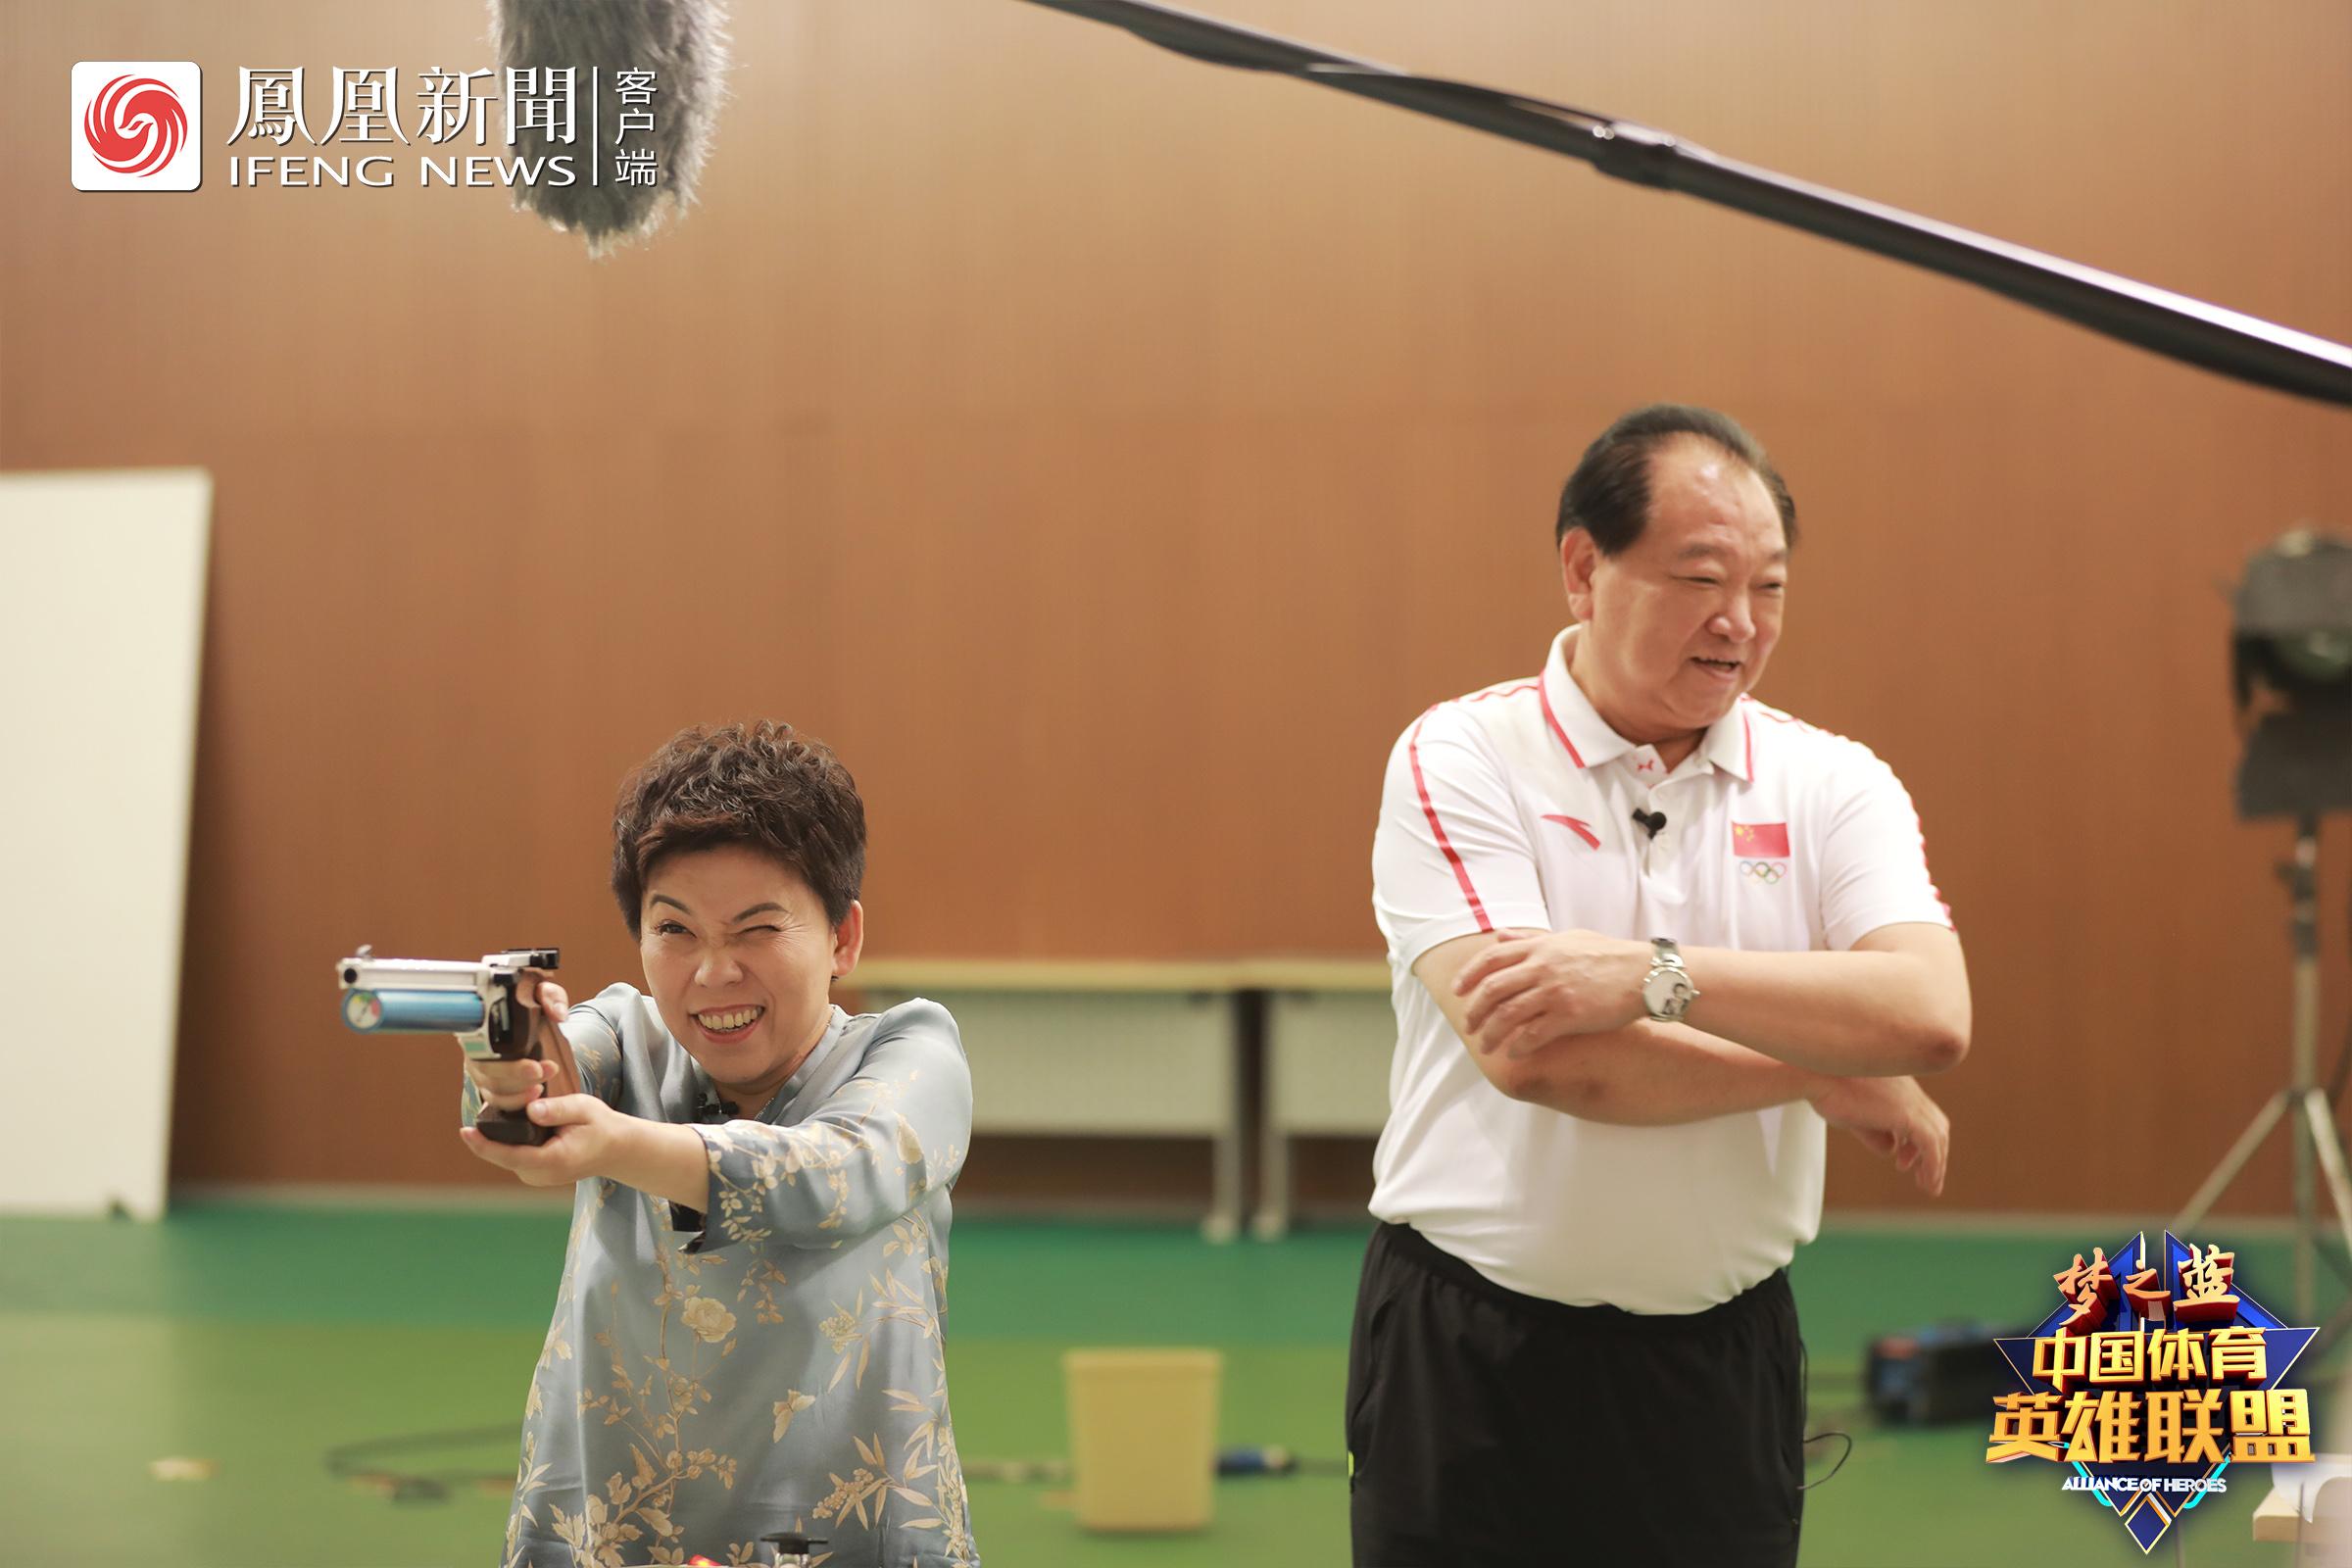 许海峰:内向性格适合射击